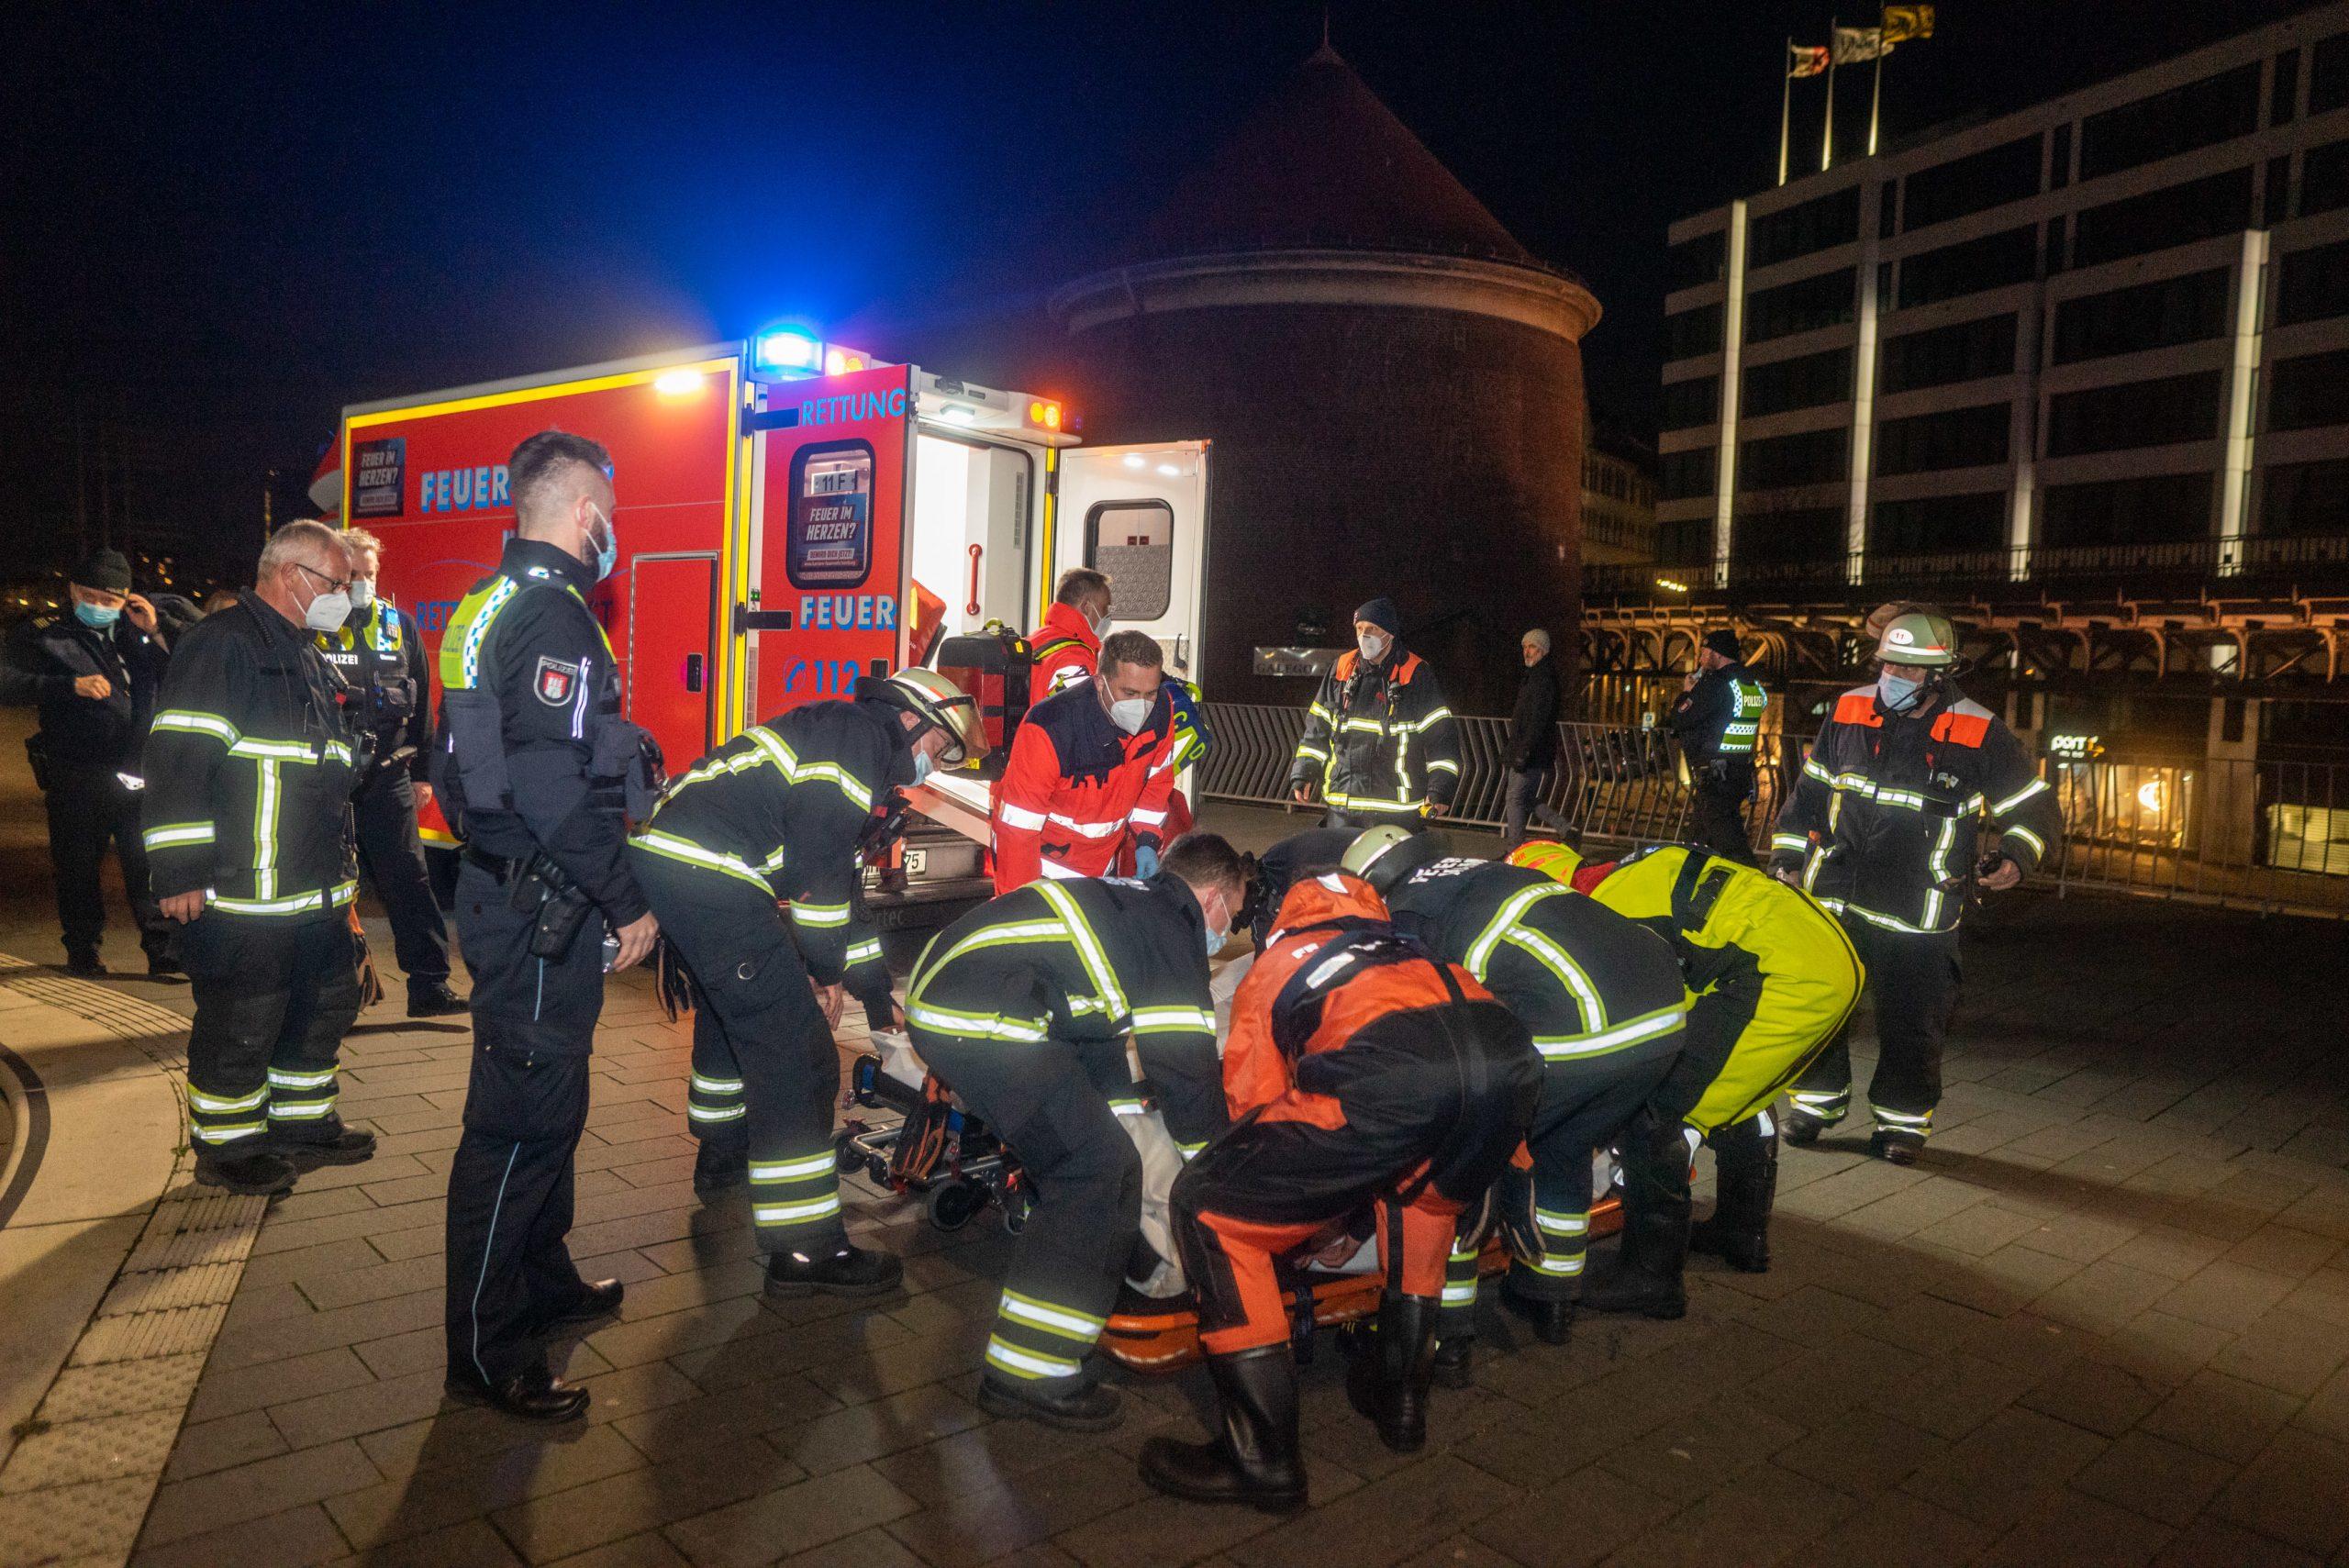 Rettung-im-letzten-Moment-Polizei-rettet-Senior-aus-der-Elbe